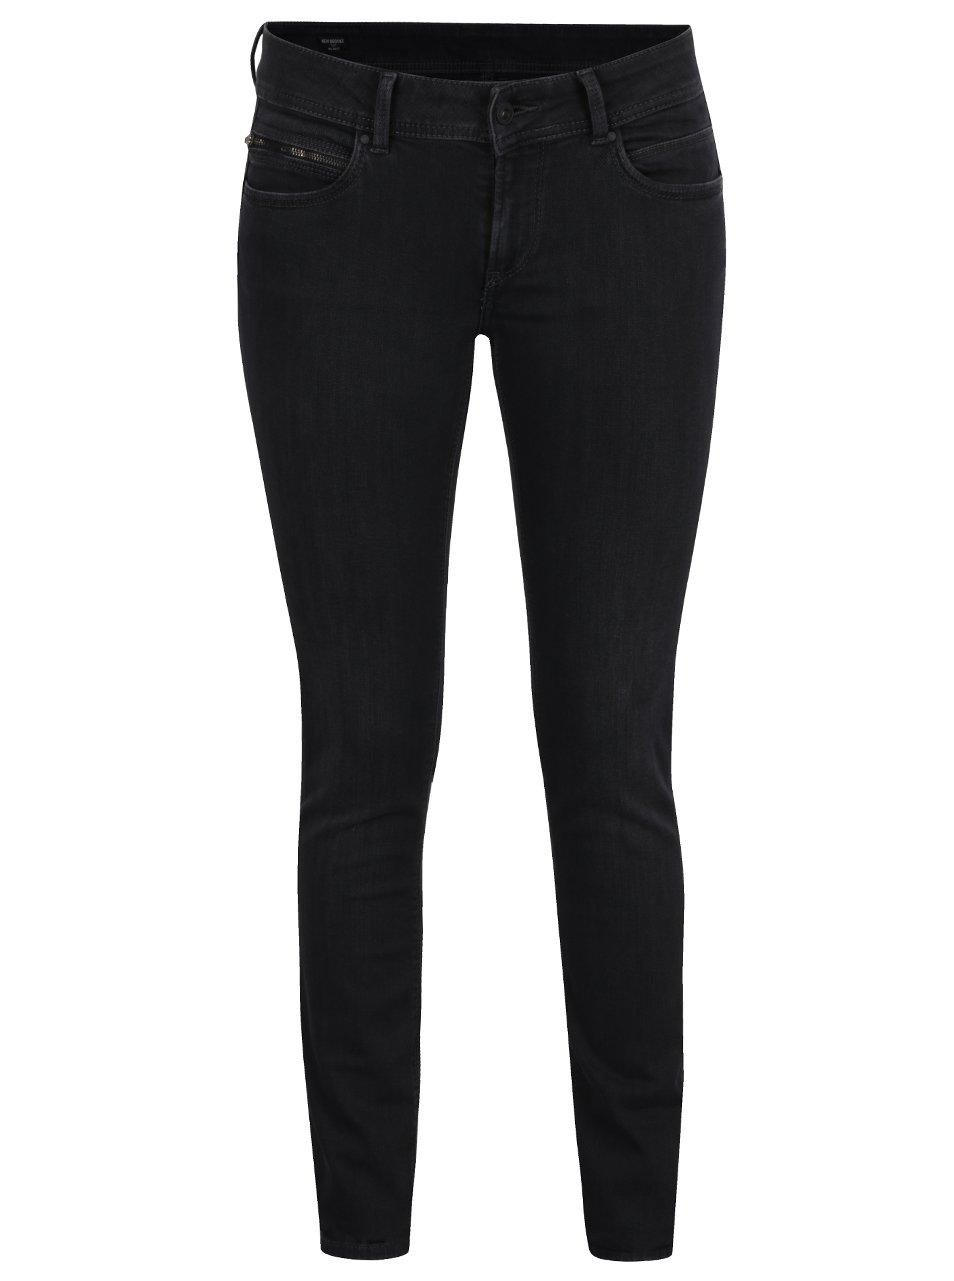 Černé dámské slim džíny Pepe Jeans New Brooke